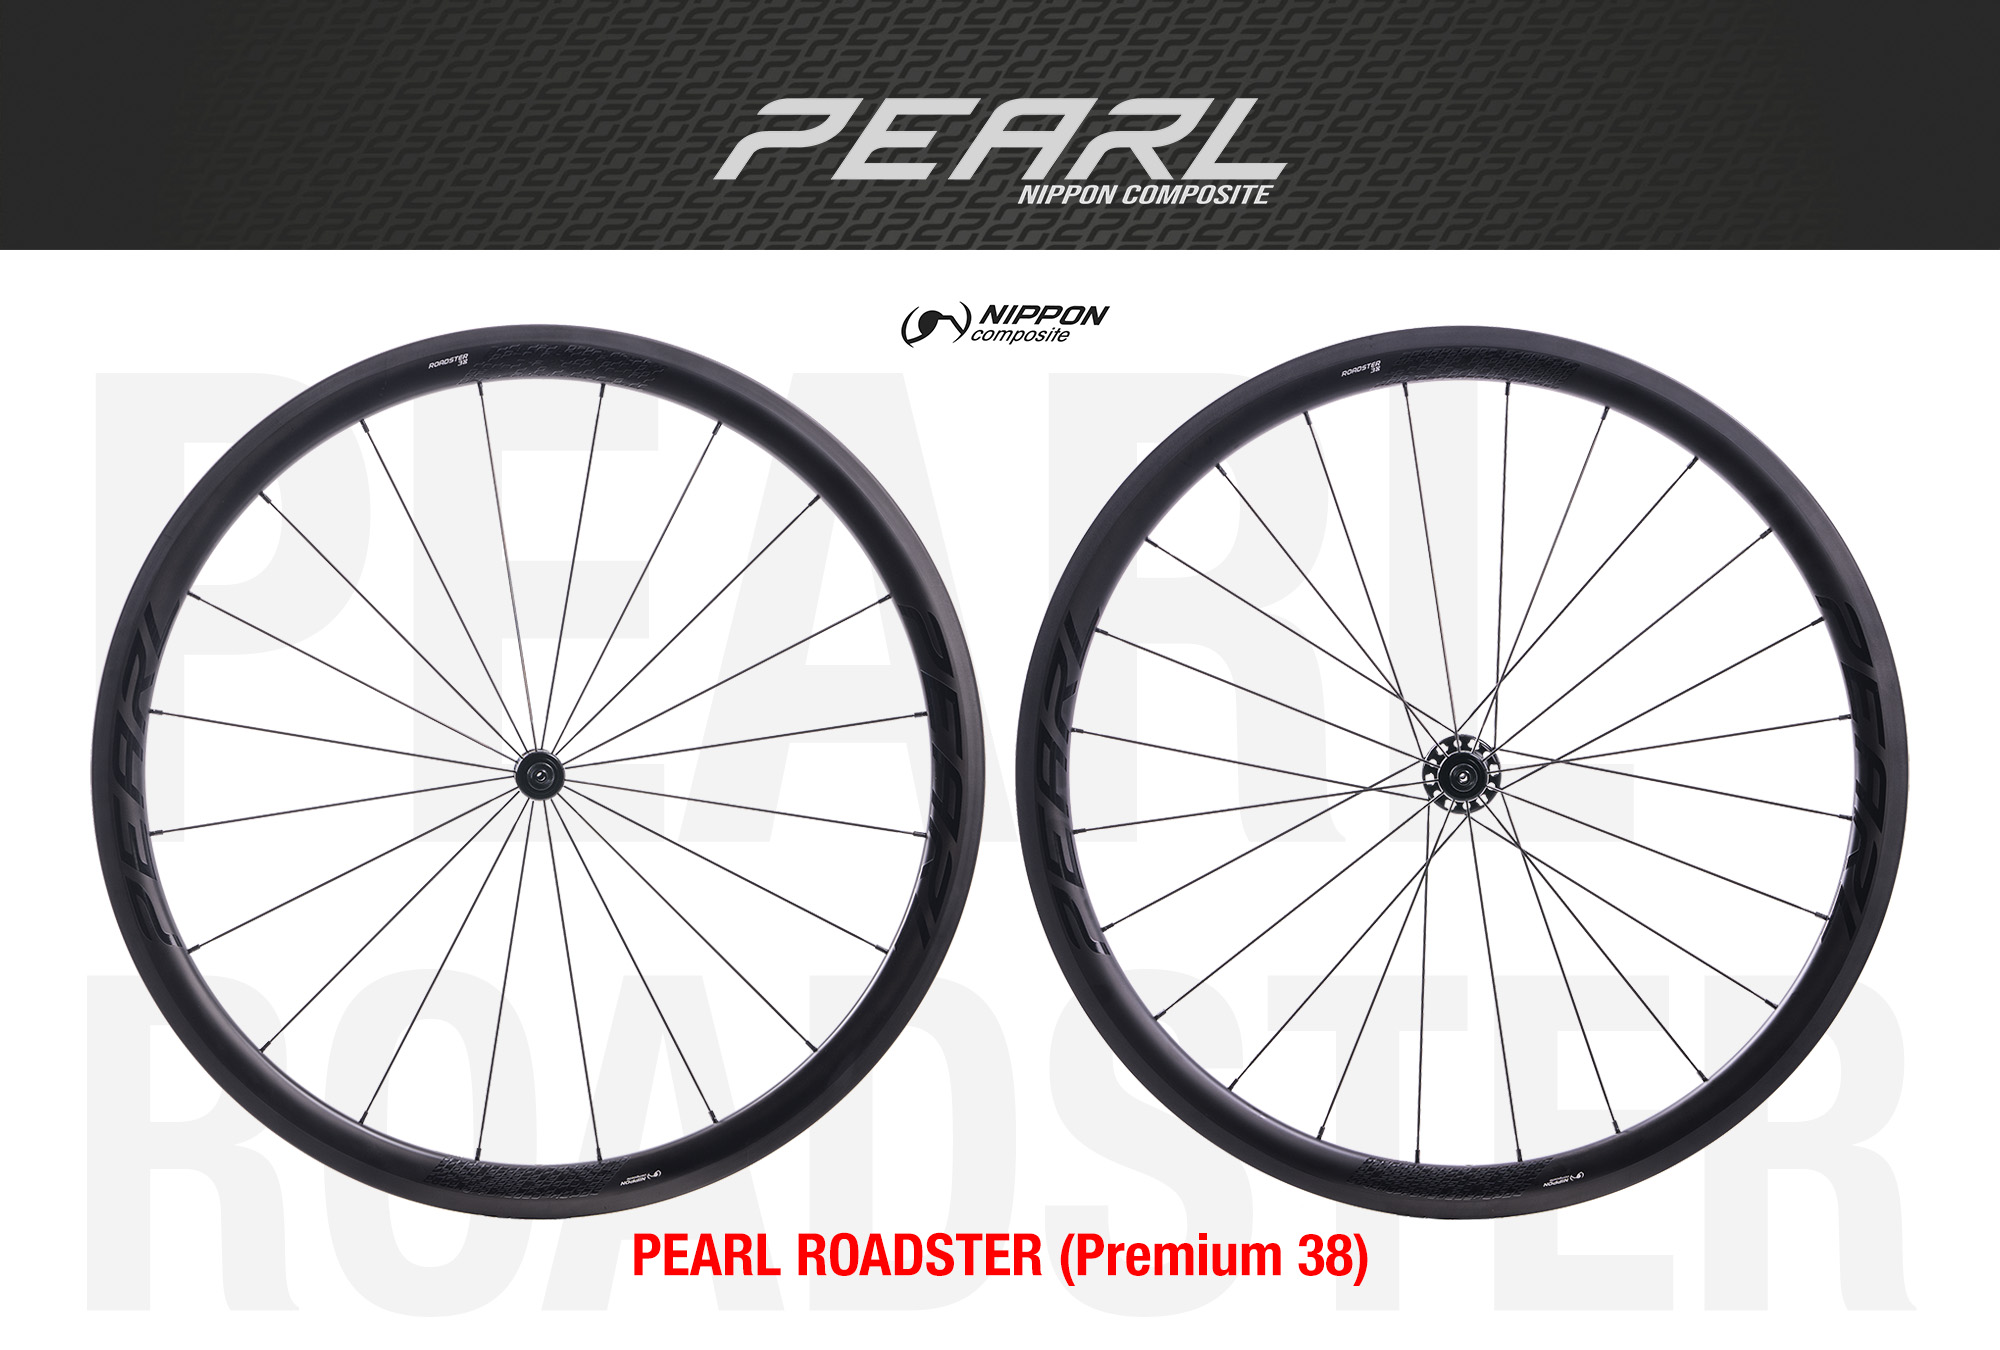 PEARL   ROADSTER (Premium38) Carbon 38mm. 700c